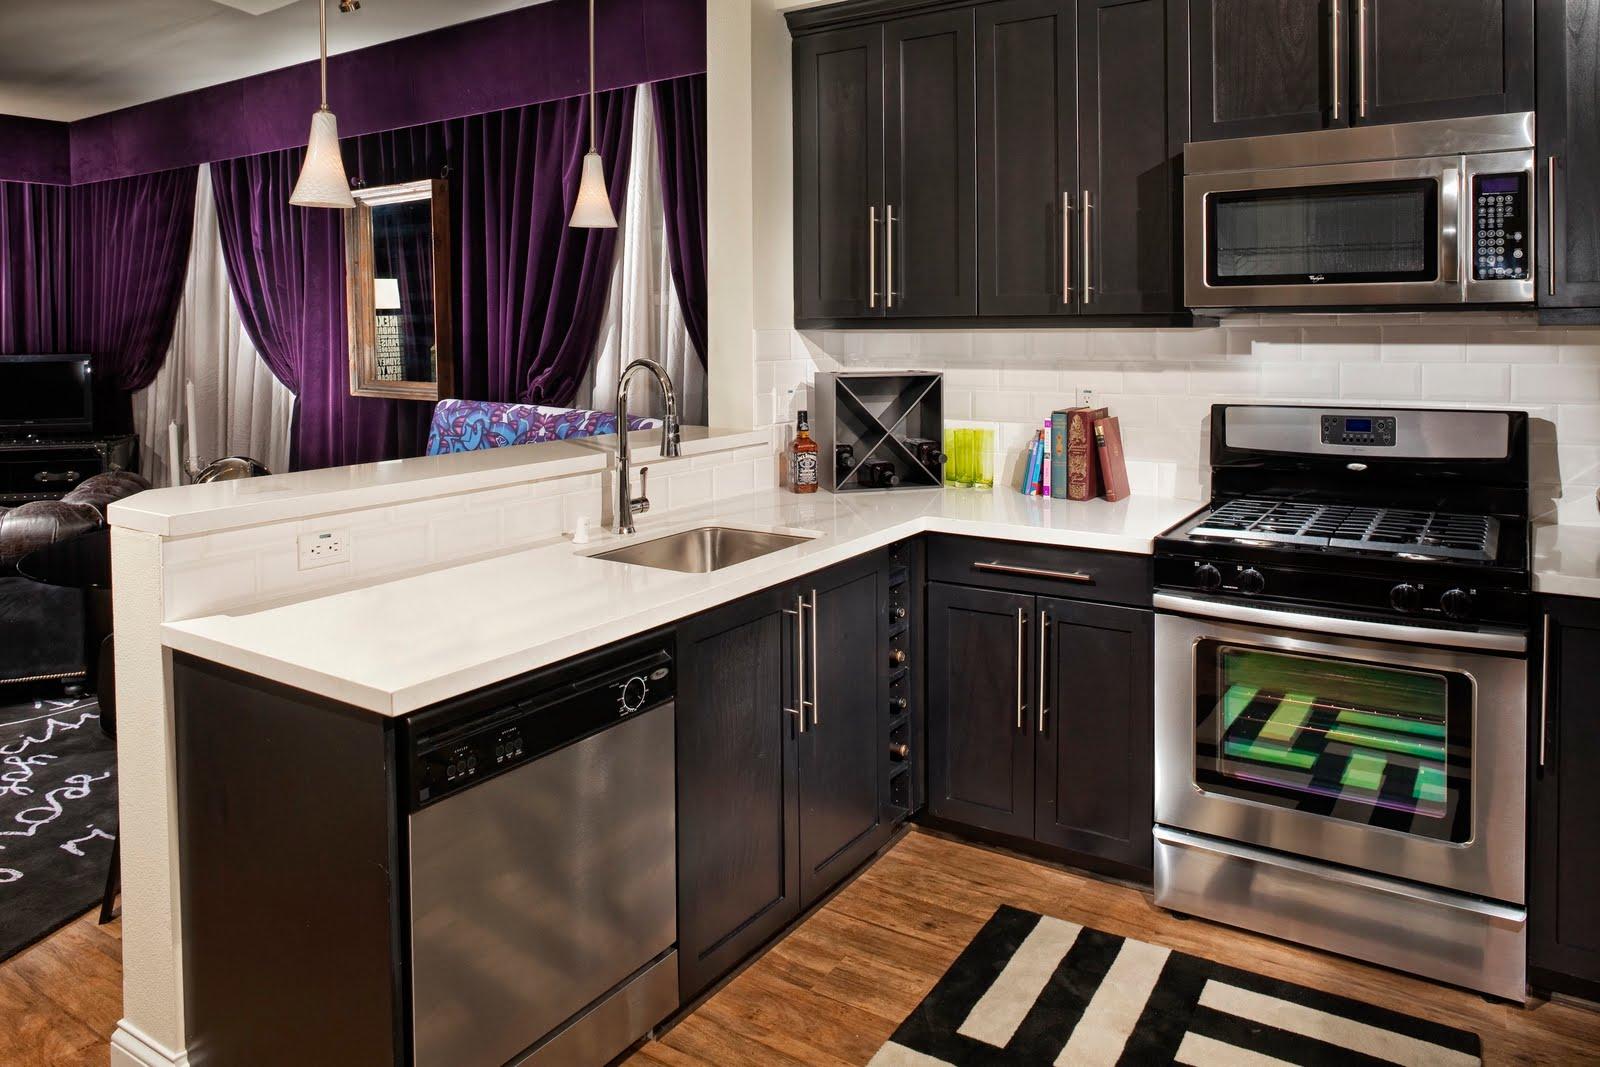 black kitchen cabinets small kitchen photo - 8